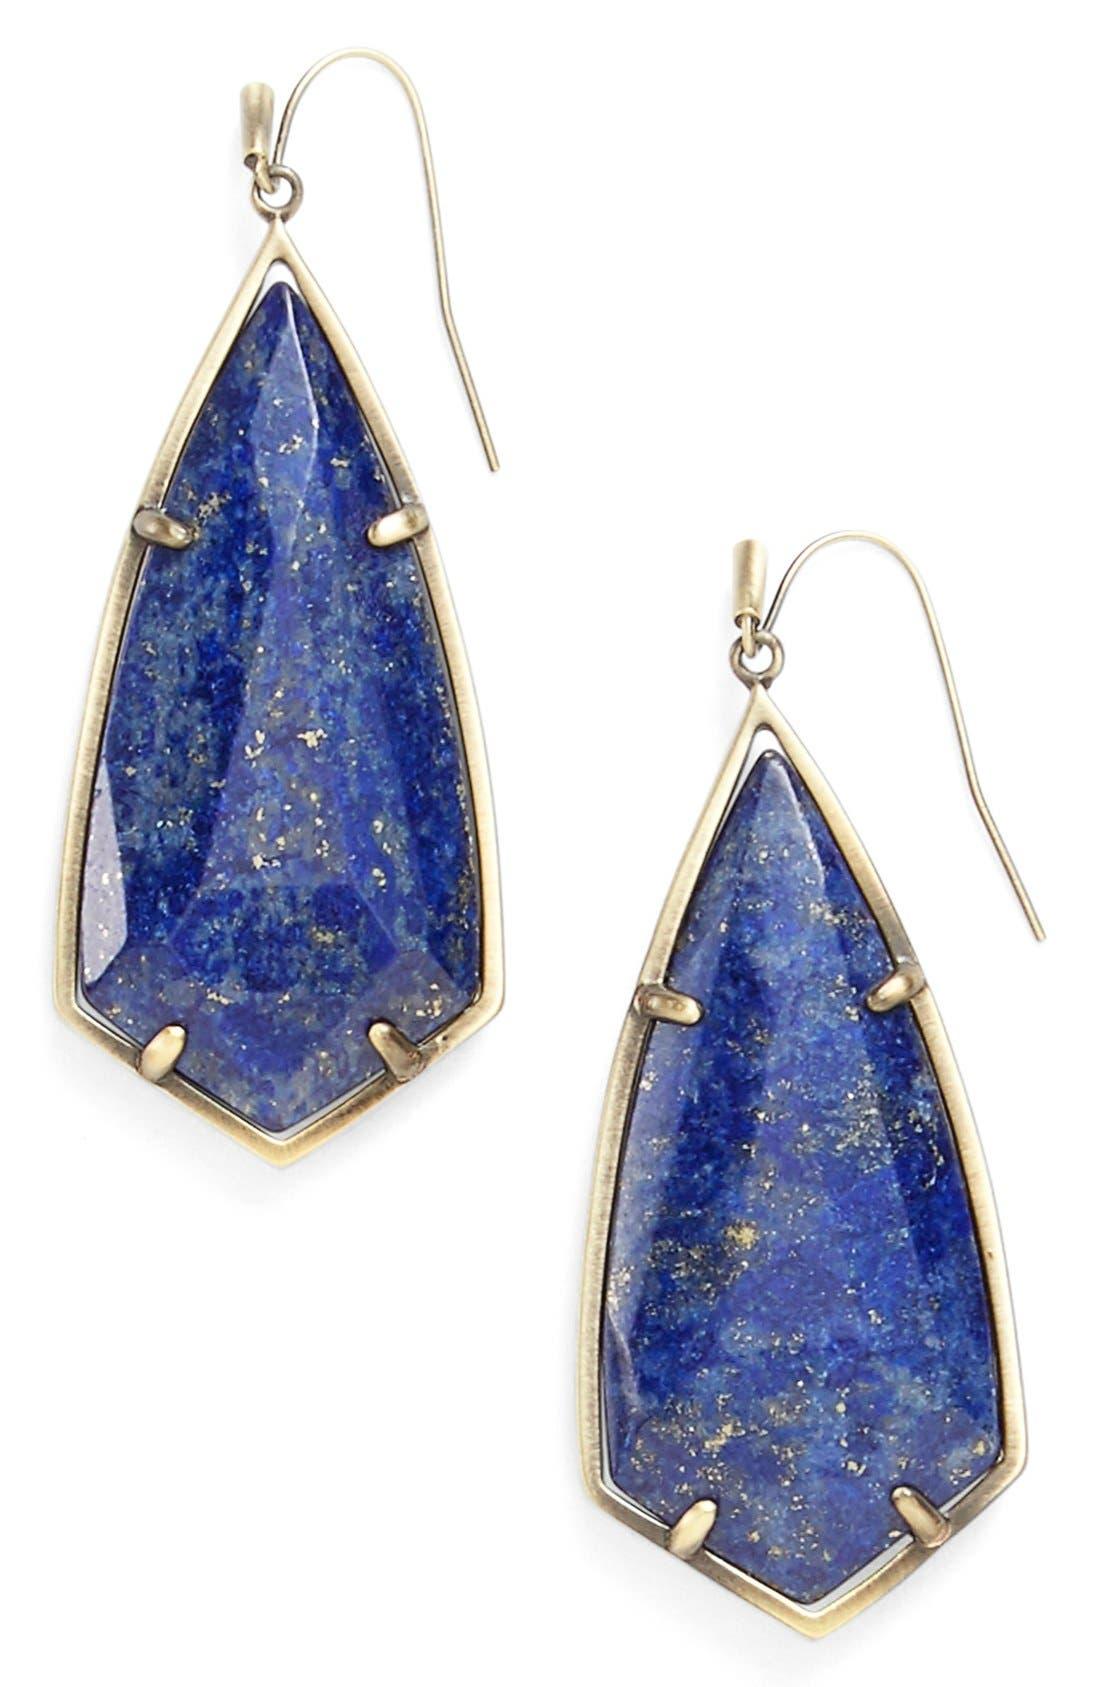 Alternate Image 1 Selected - Kendra Scott 'Caroline' Semiprecious Stone Drop Earrings